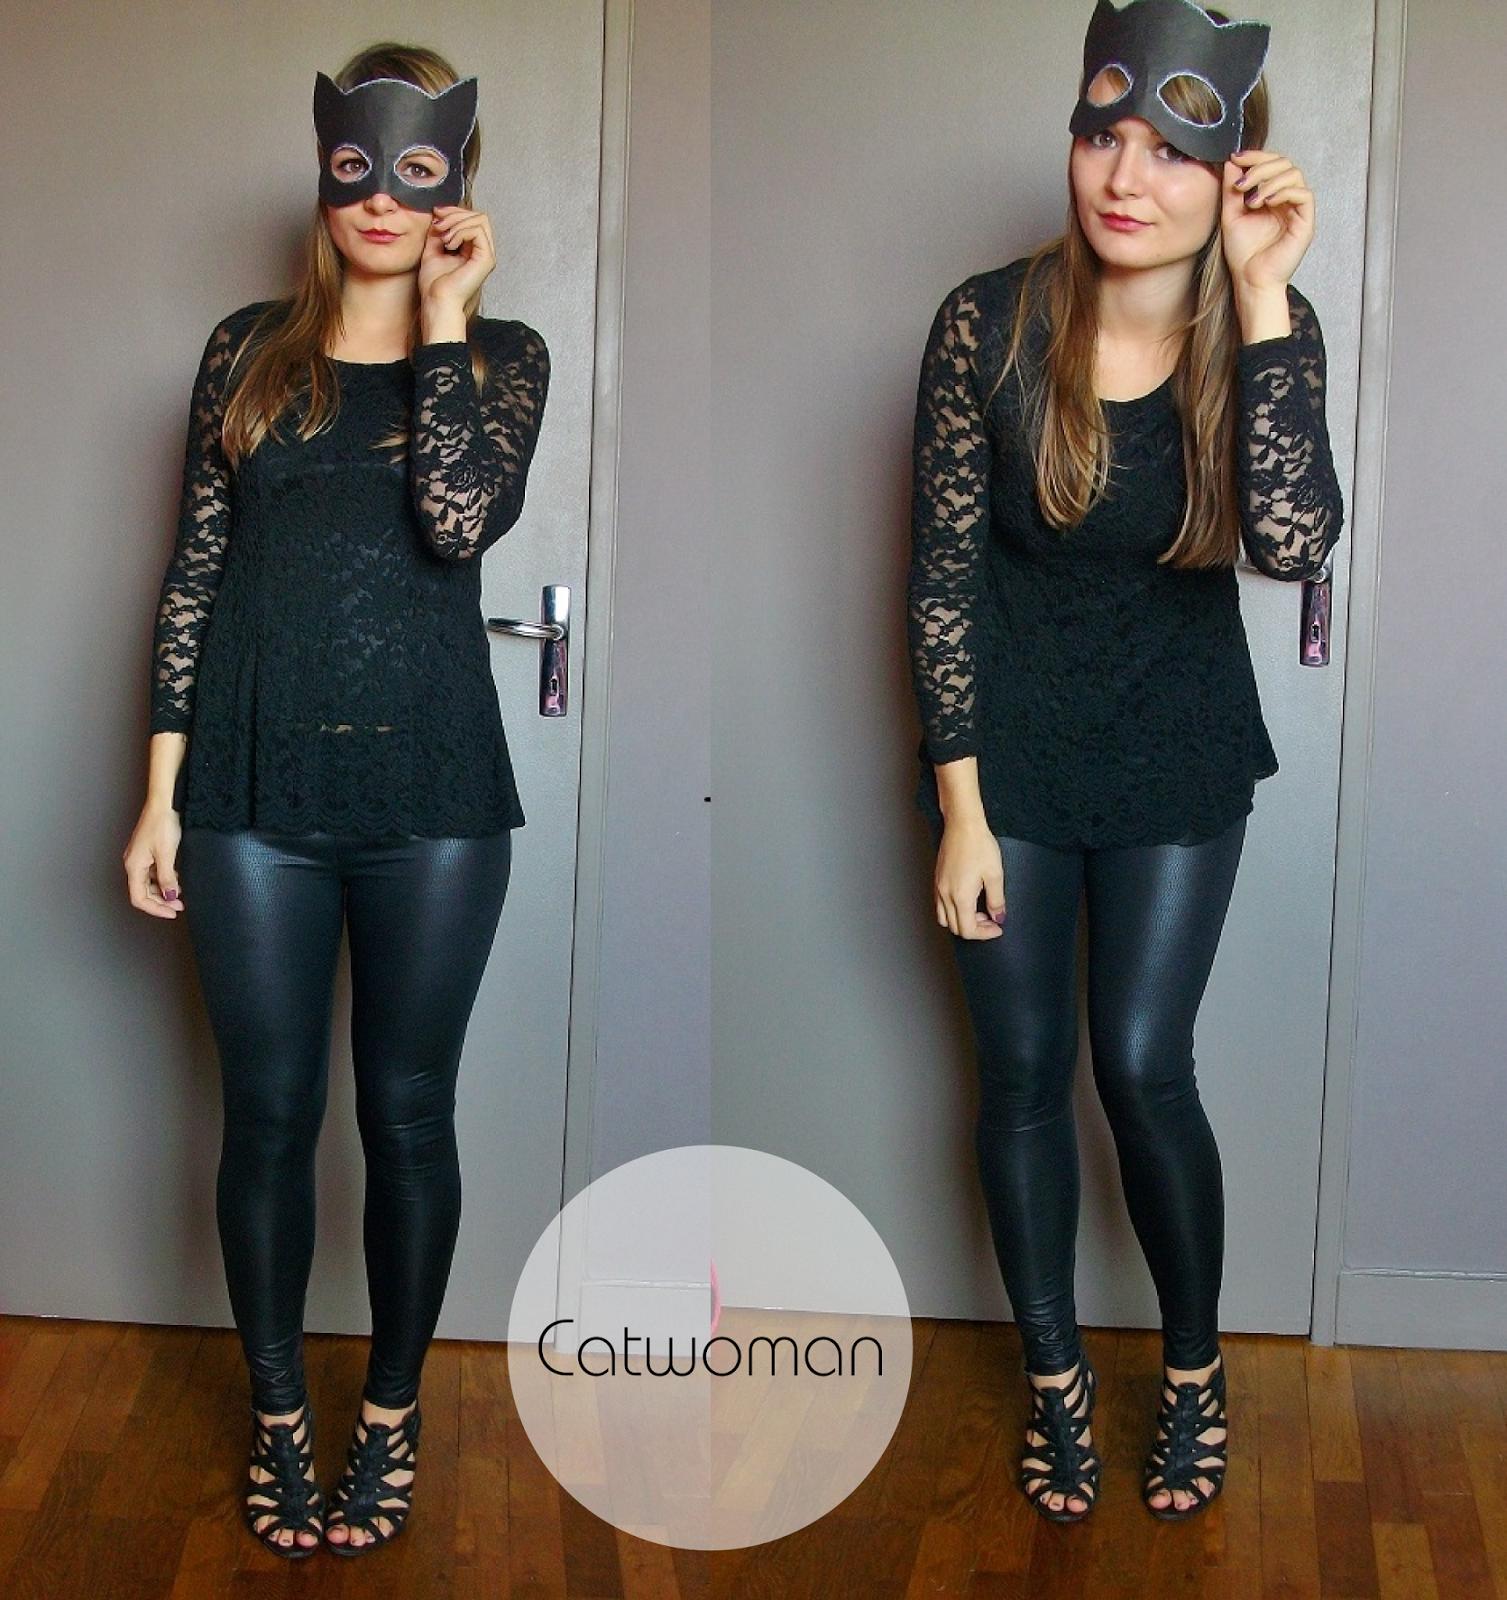 Quatang Gallery- 3 Deguisements Maison Pour Halloween Pauline Dress Blog Mode Lifestyle Et Deguisement Maison Deguisement Halloween Fait Maison Idee Deguisement Halloween